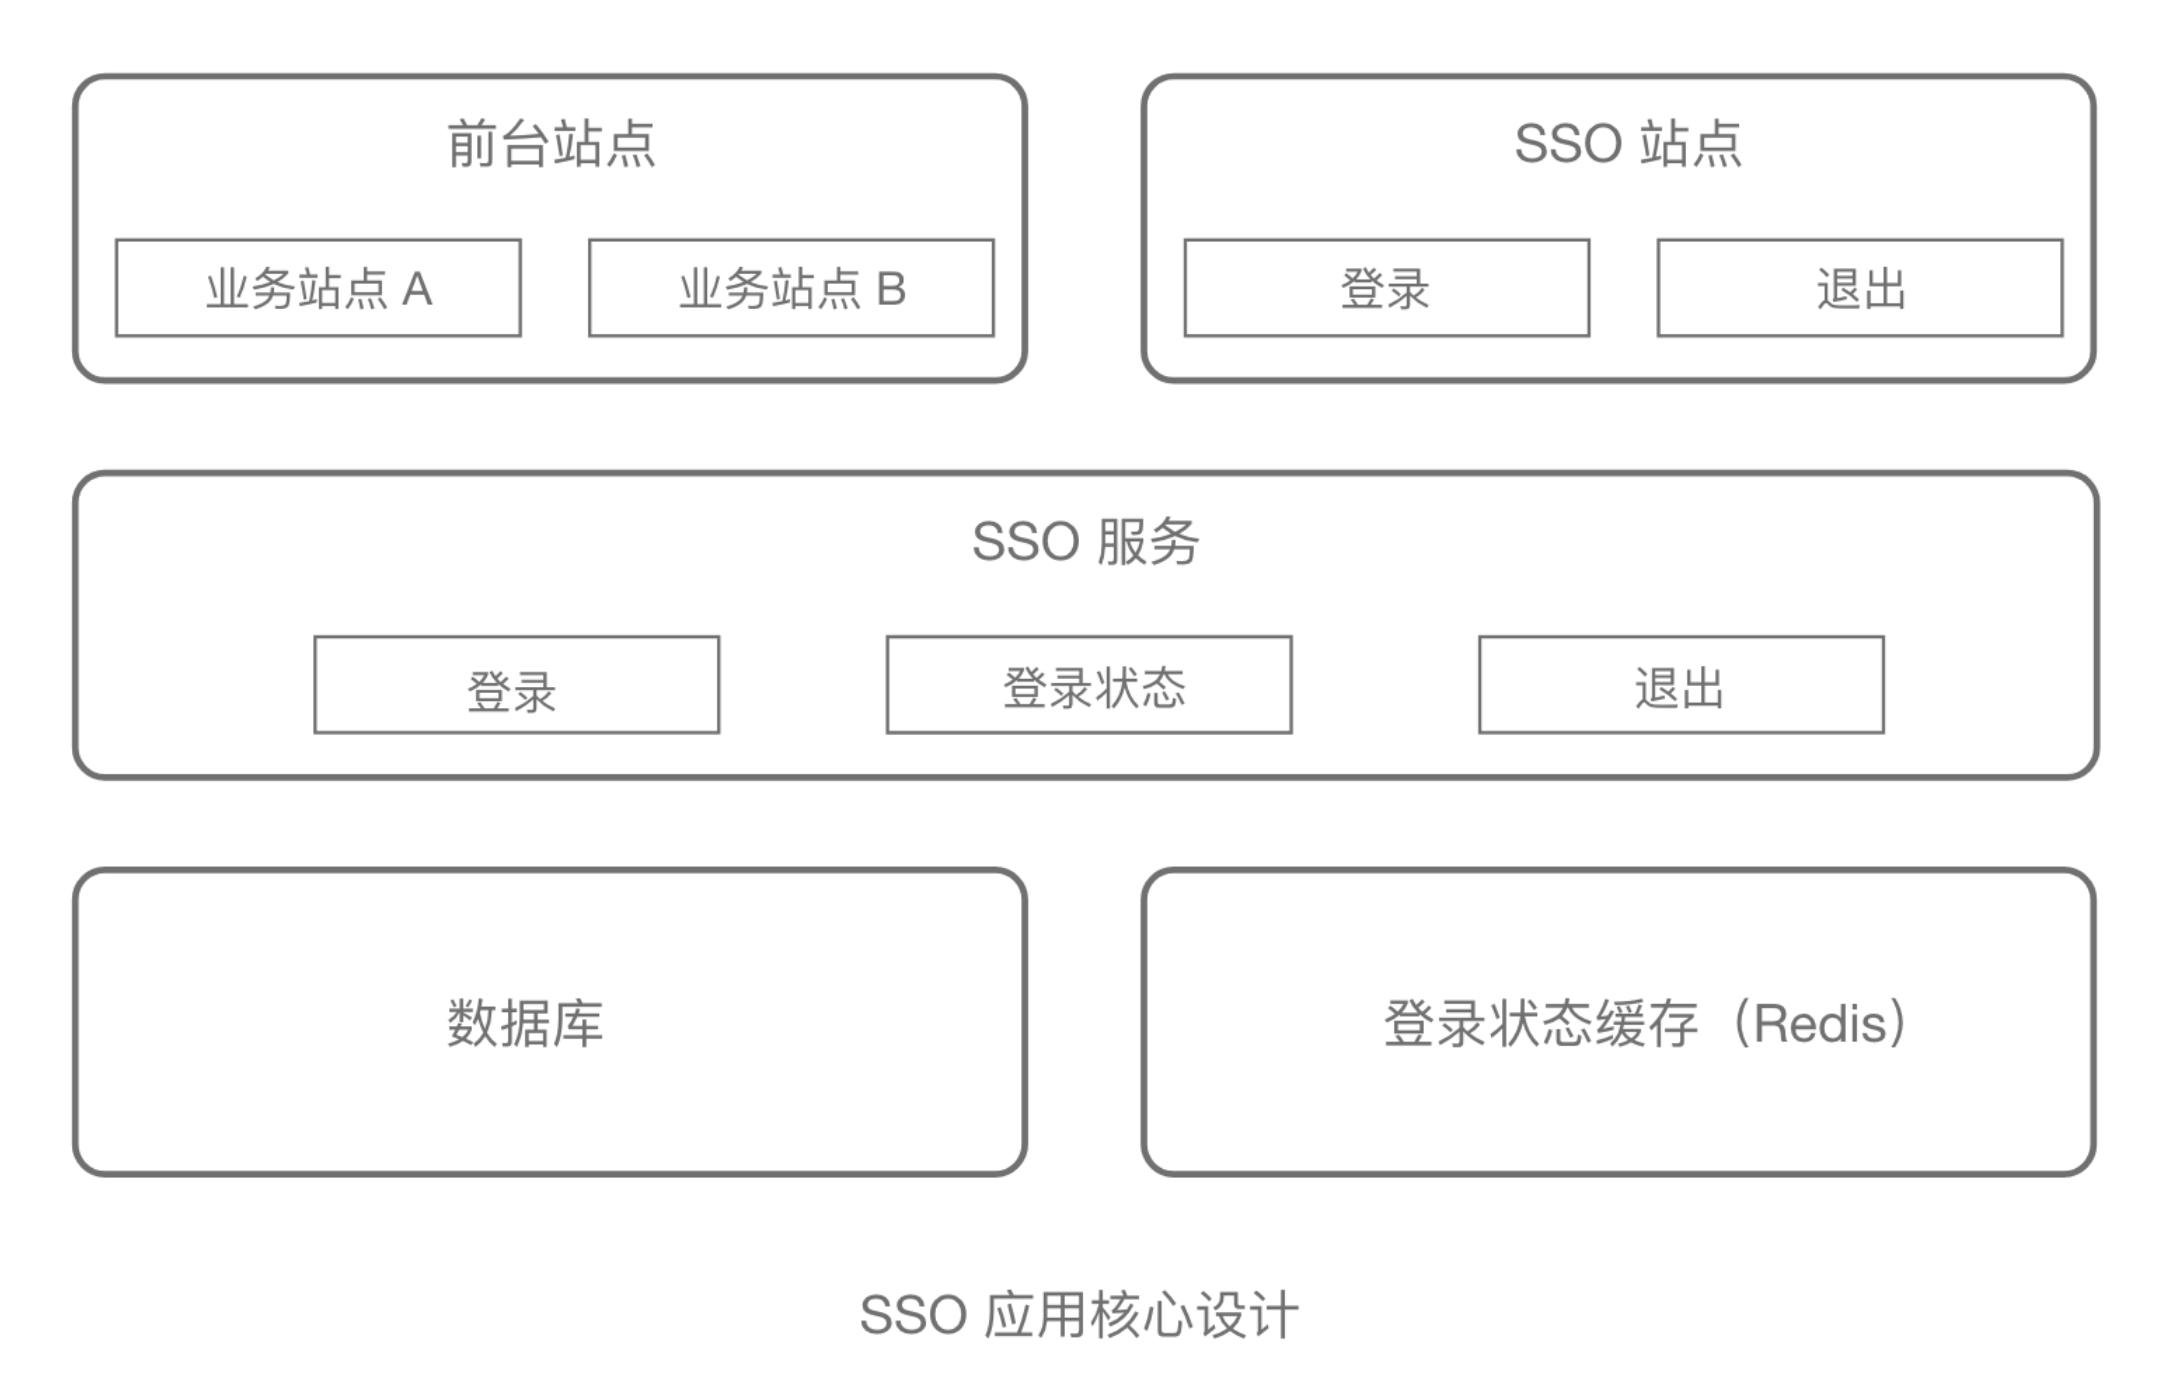 SSO应用核心设计